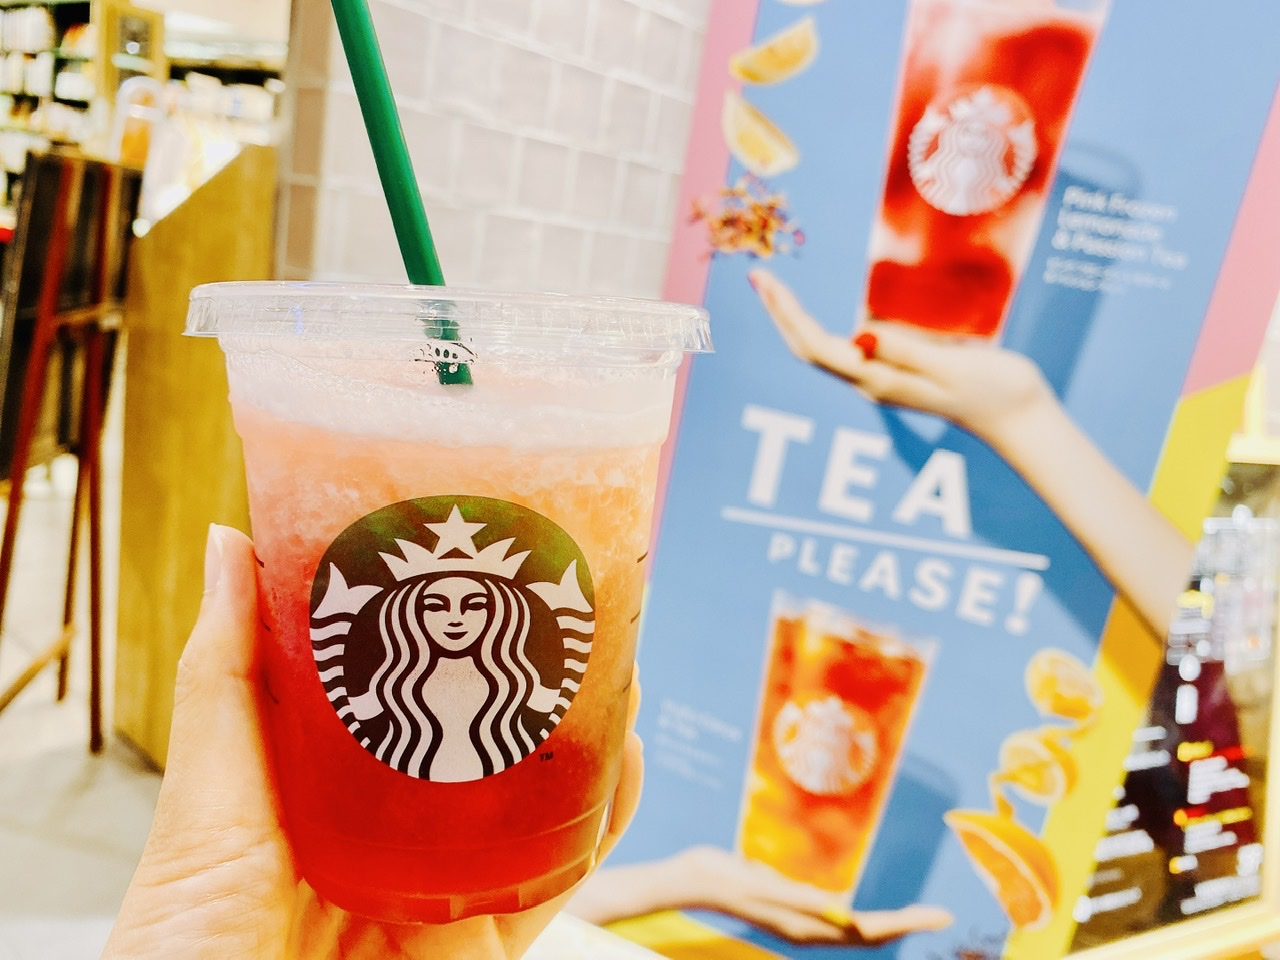 【スタバ新作】驚異の低カロリー!夏感満載《ピンク フローズン レモネード》は絶対飲んで♡_3